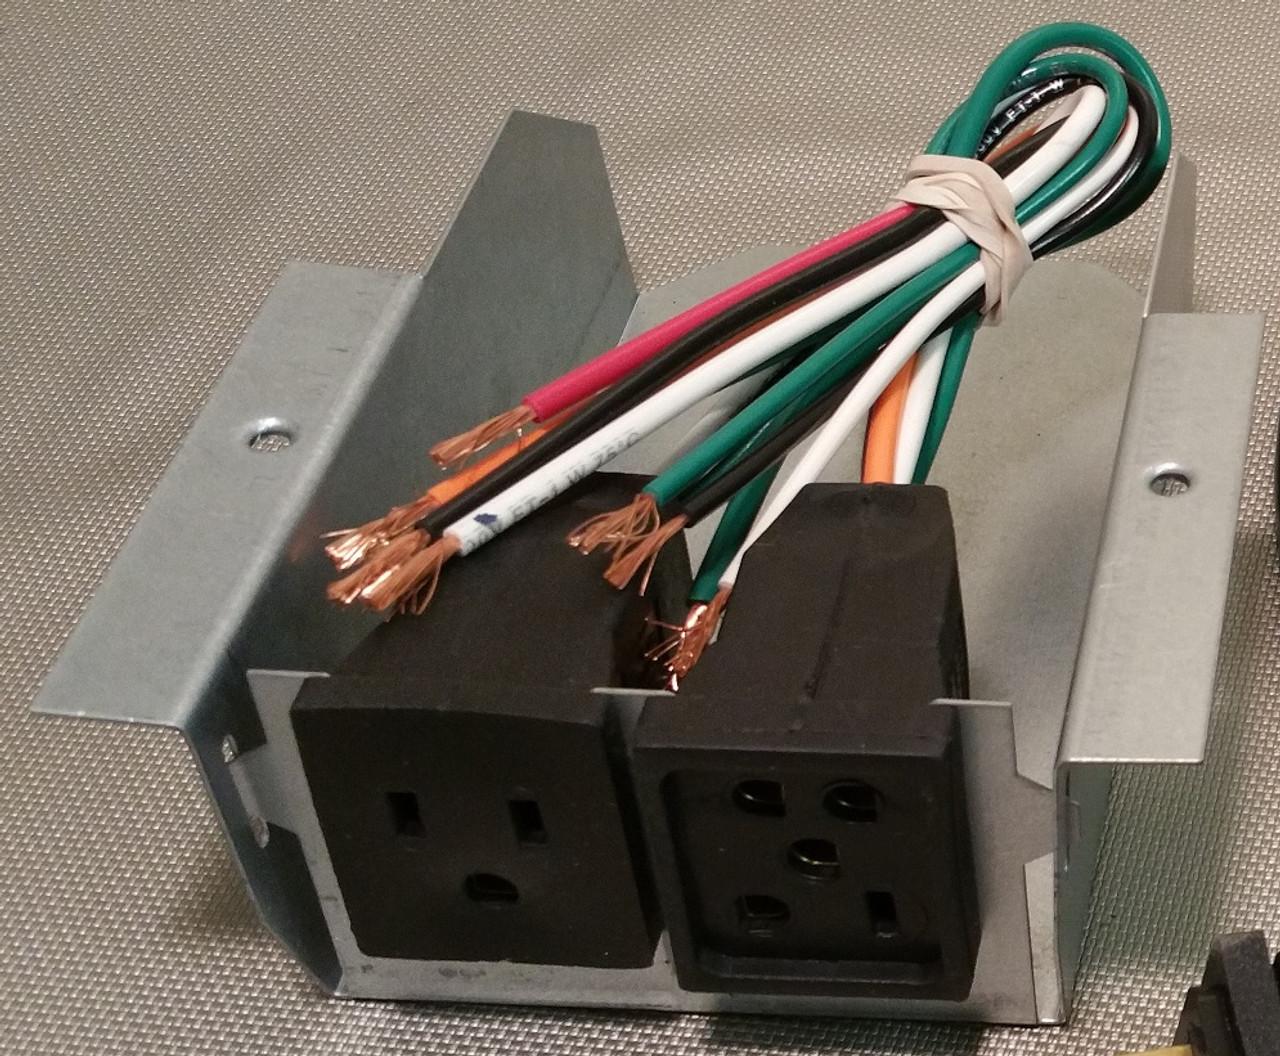 receptacle box 115 volt trophy